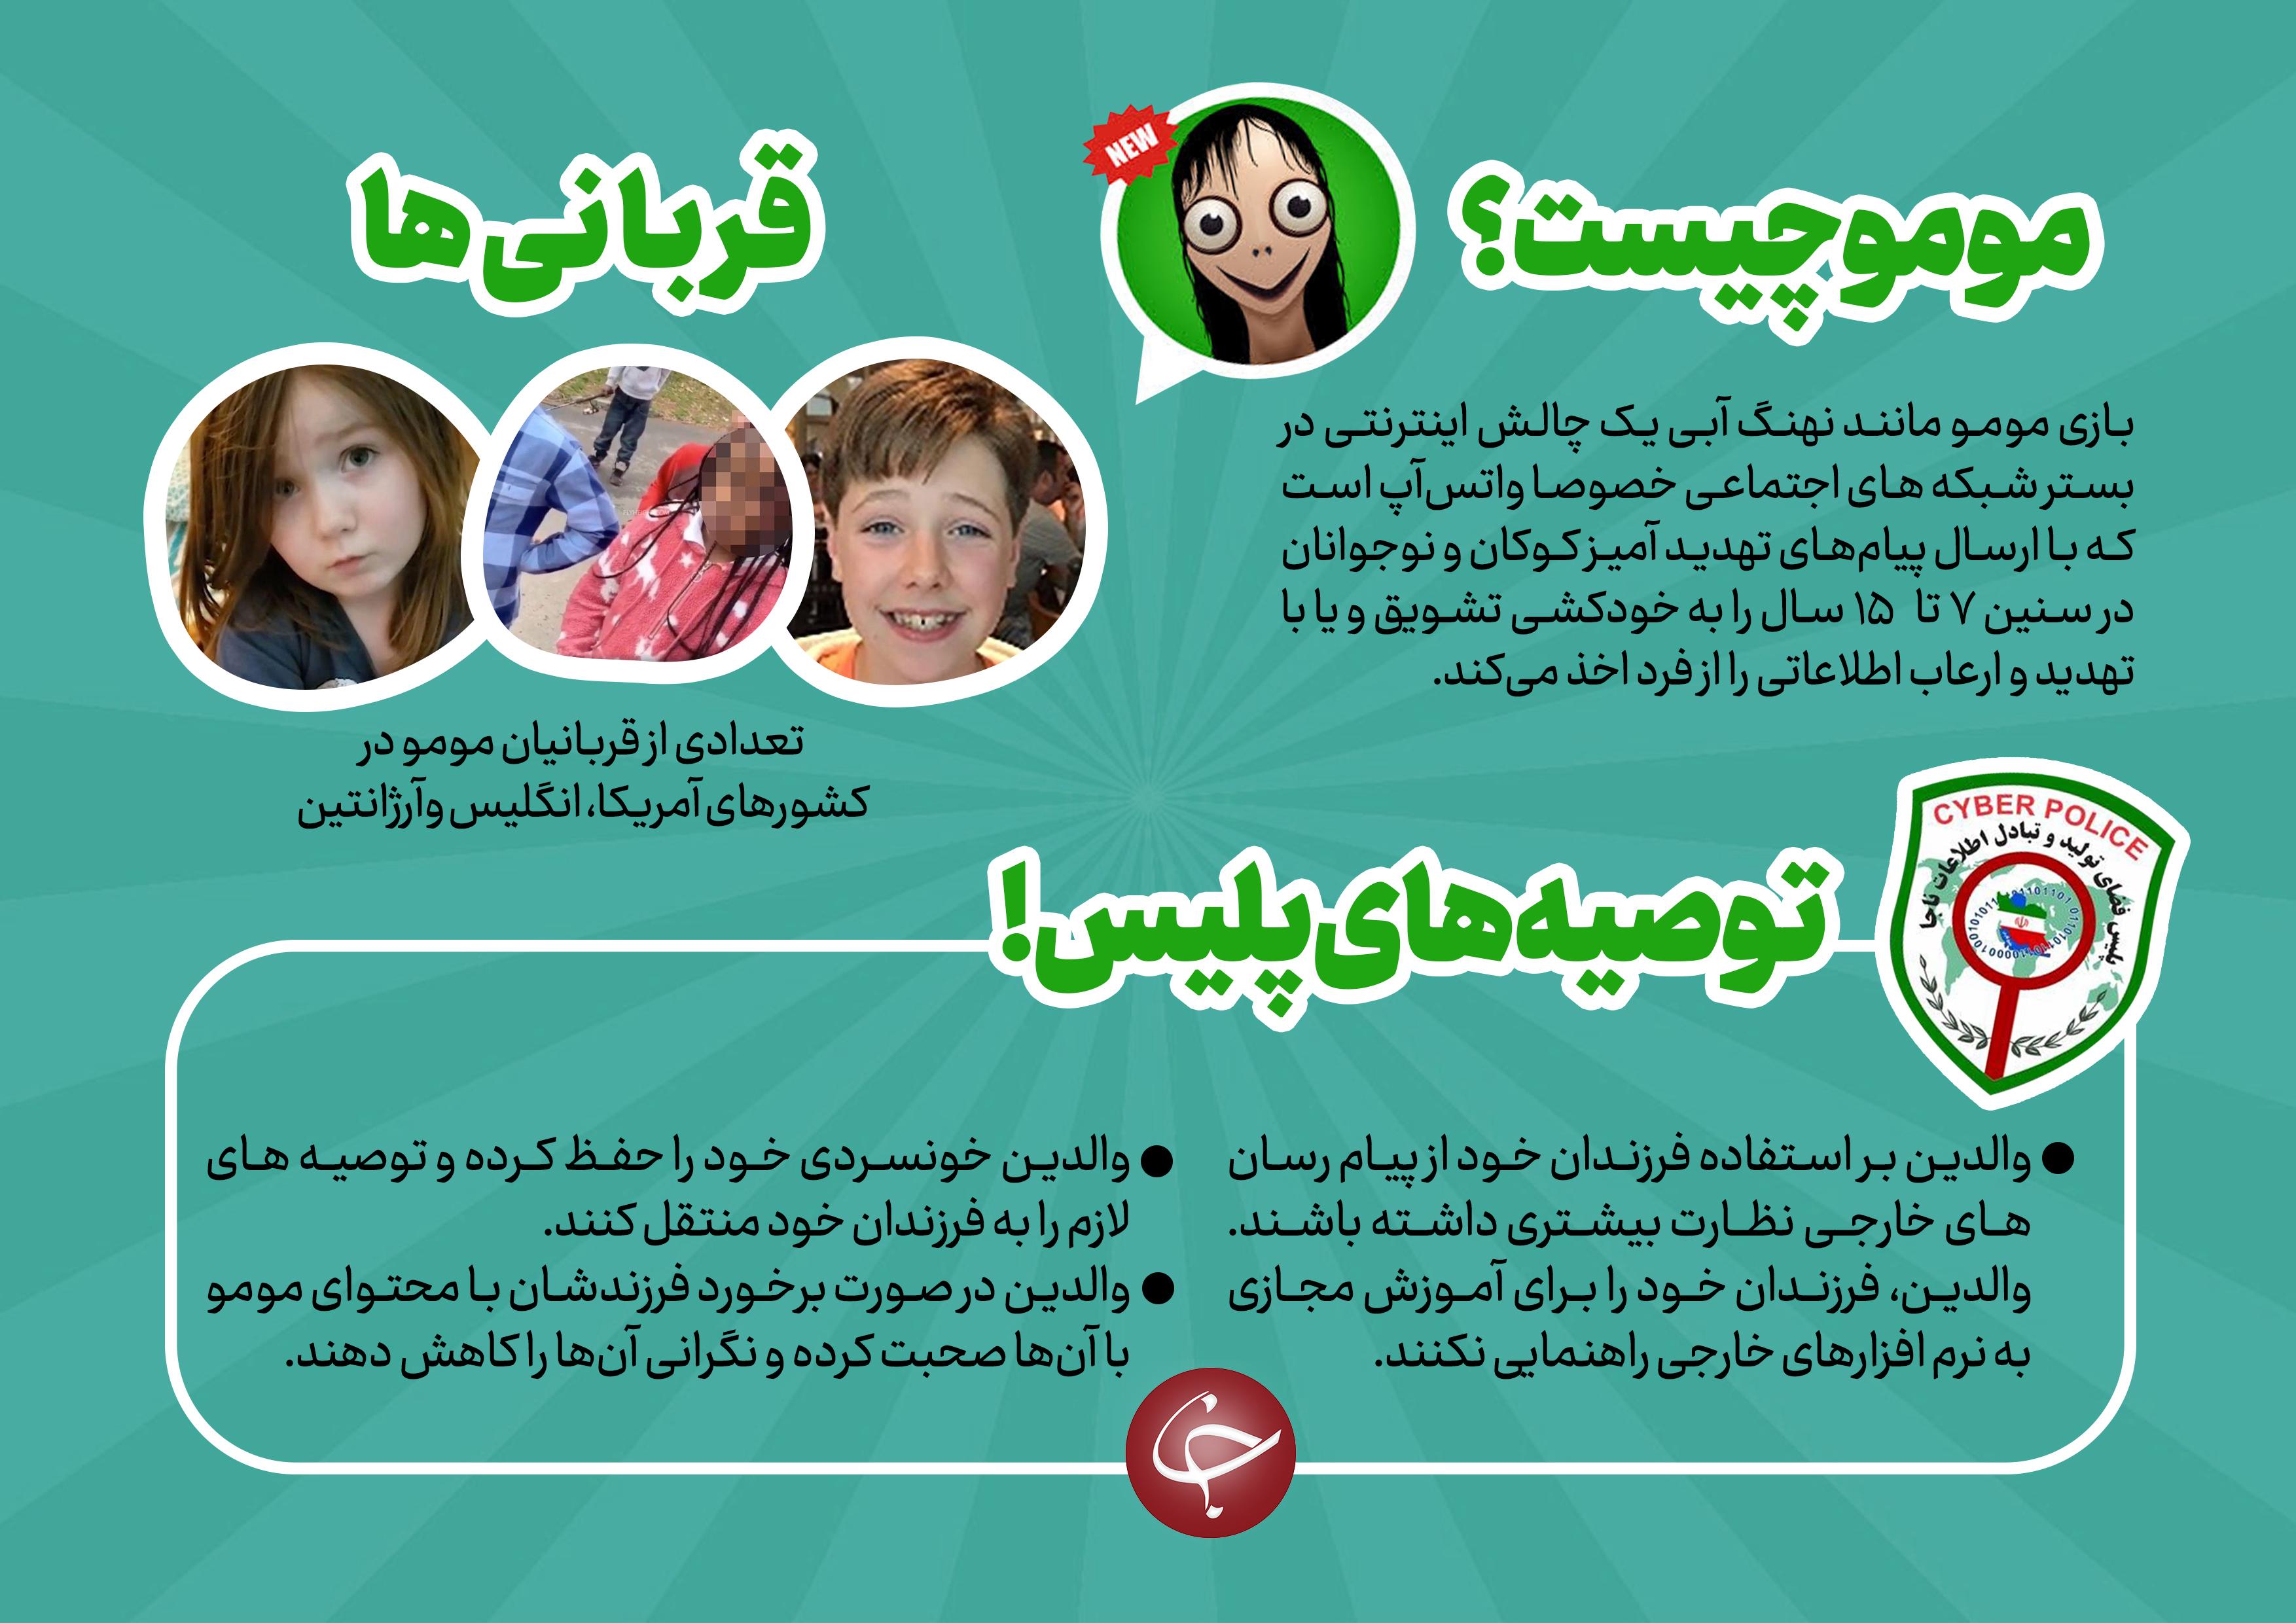 راههای جلوگیری از به دام افتادن کودکان به چالش مومو + اینفوگرافیک